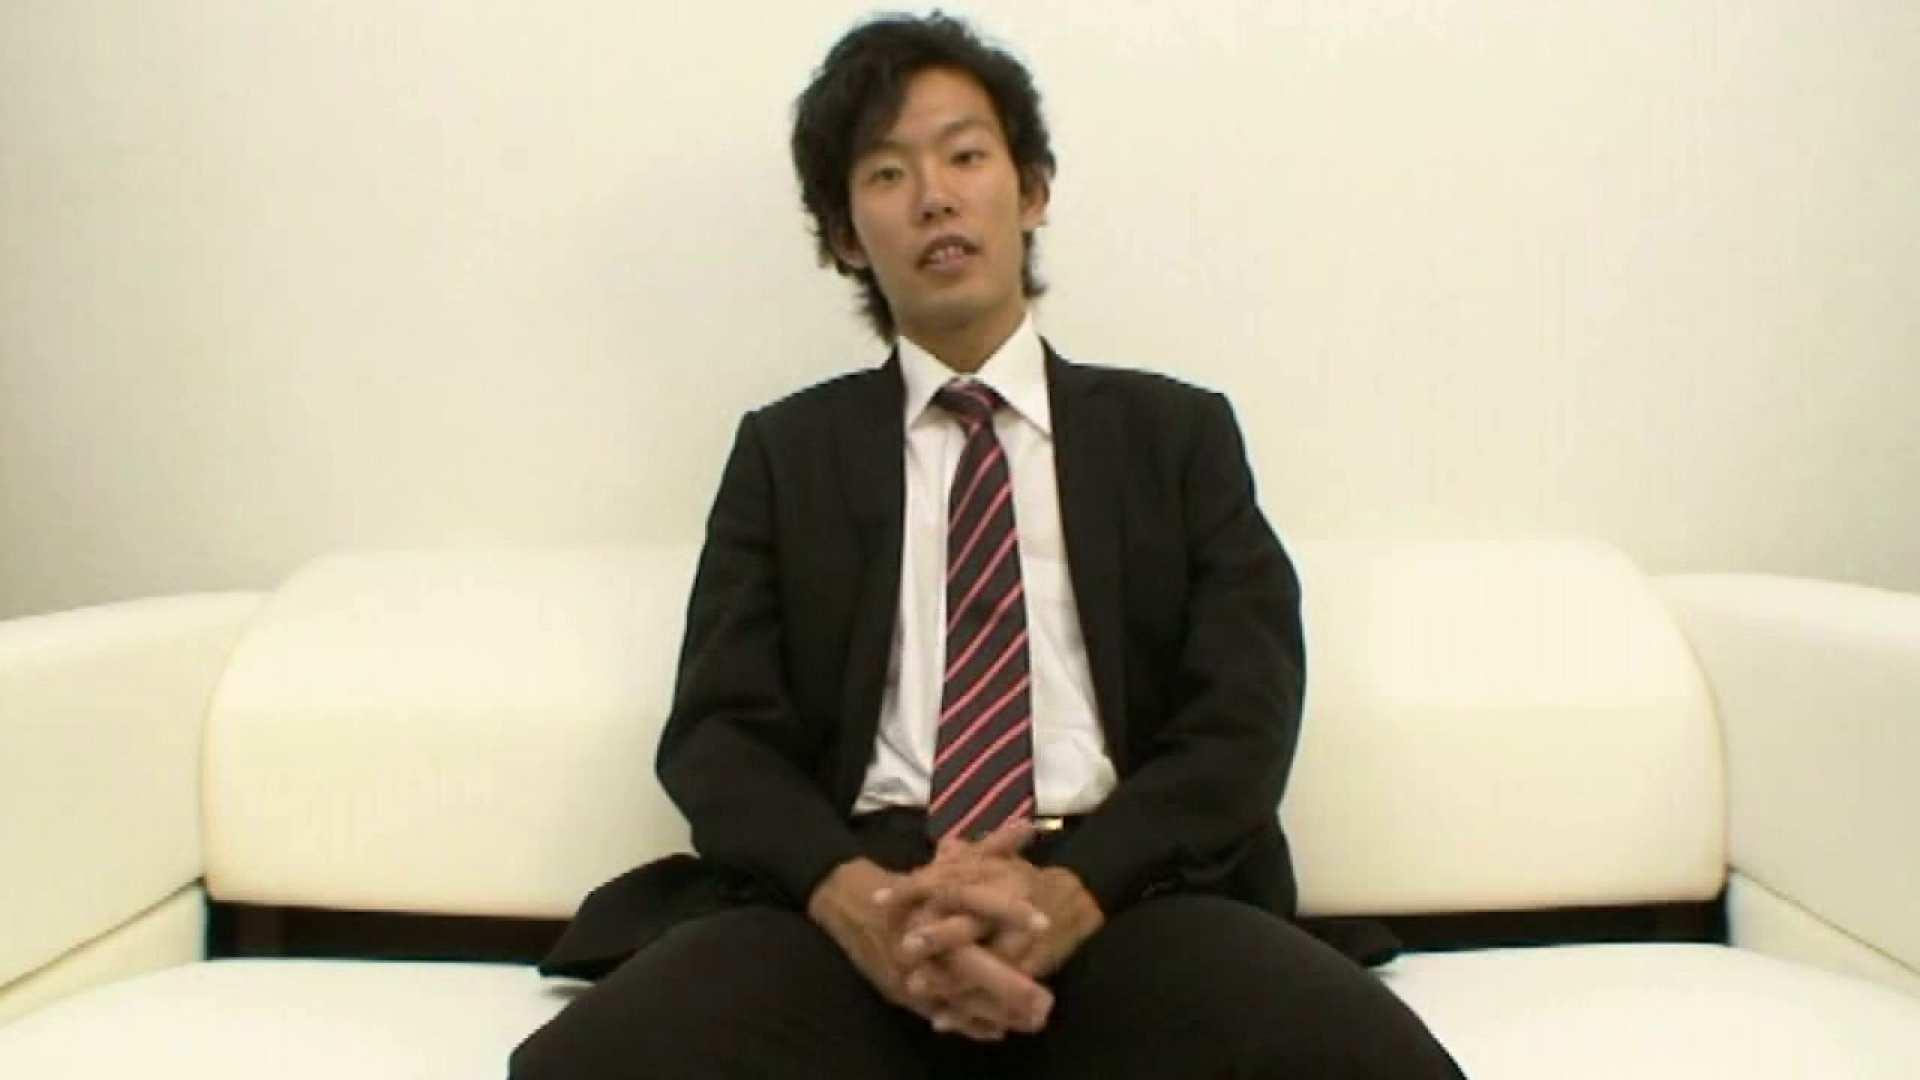 ノンケ!自慰スタジオ No.14 ノンケまつり 男同士動画 92枚 46